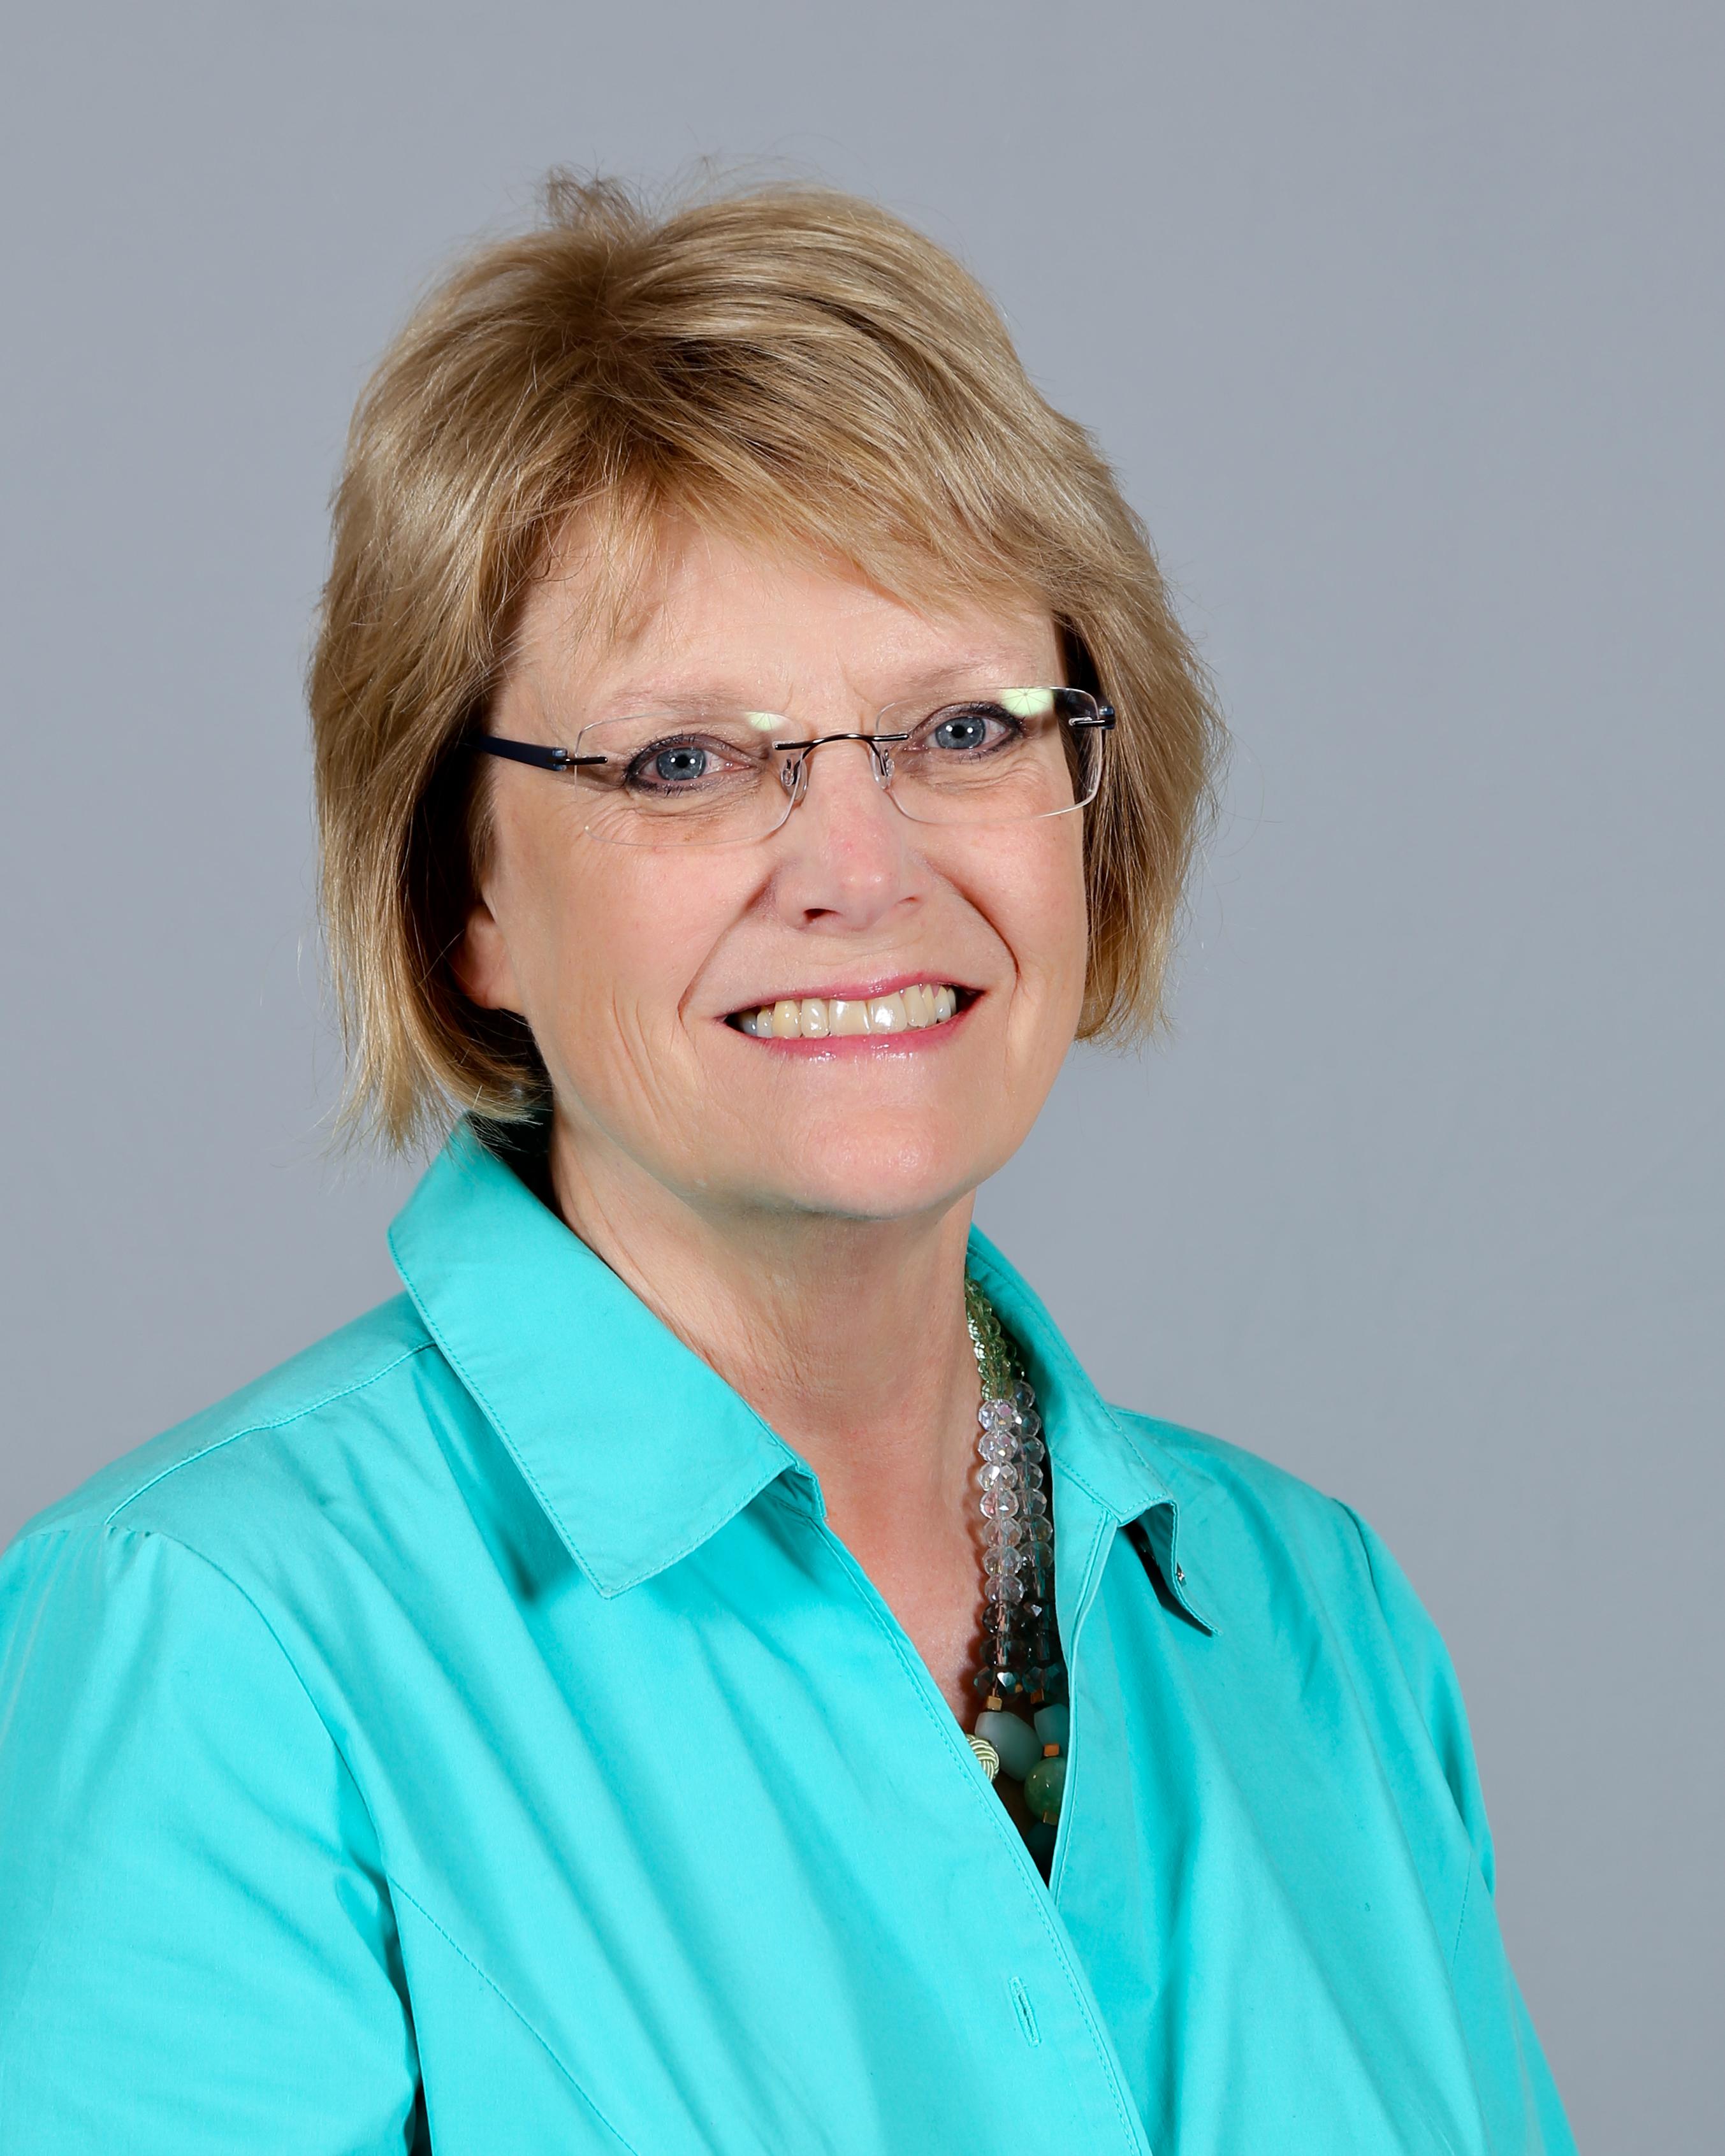 Vivian Bowles Portrait Photo